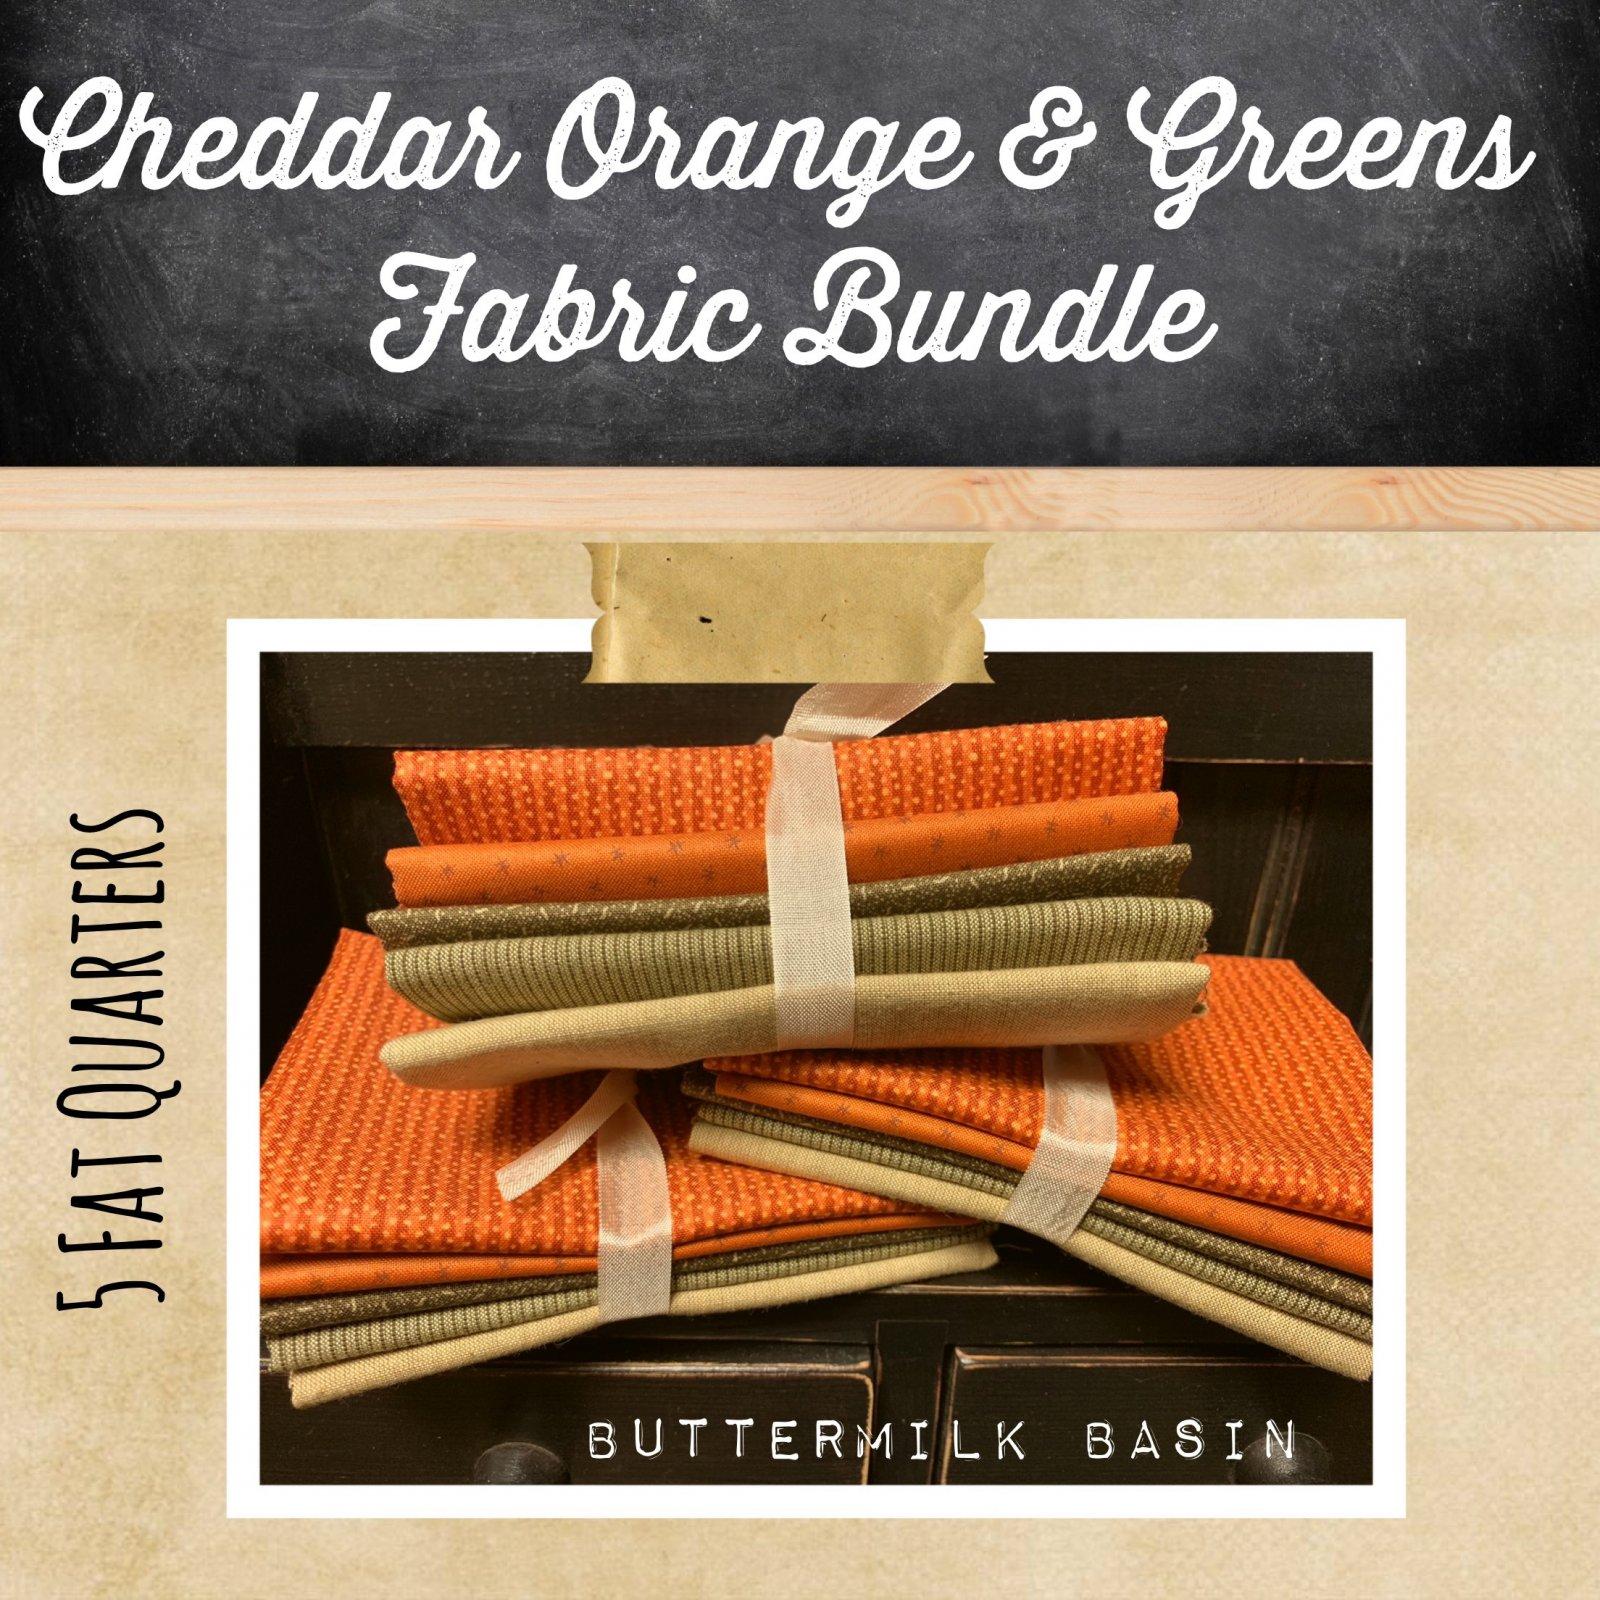 Cheddar Orange & Greens Fabric Bundle